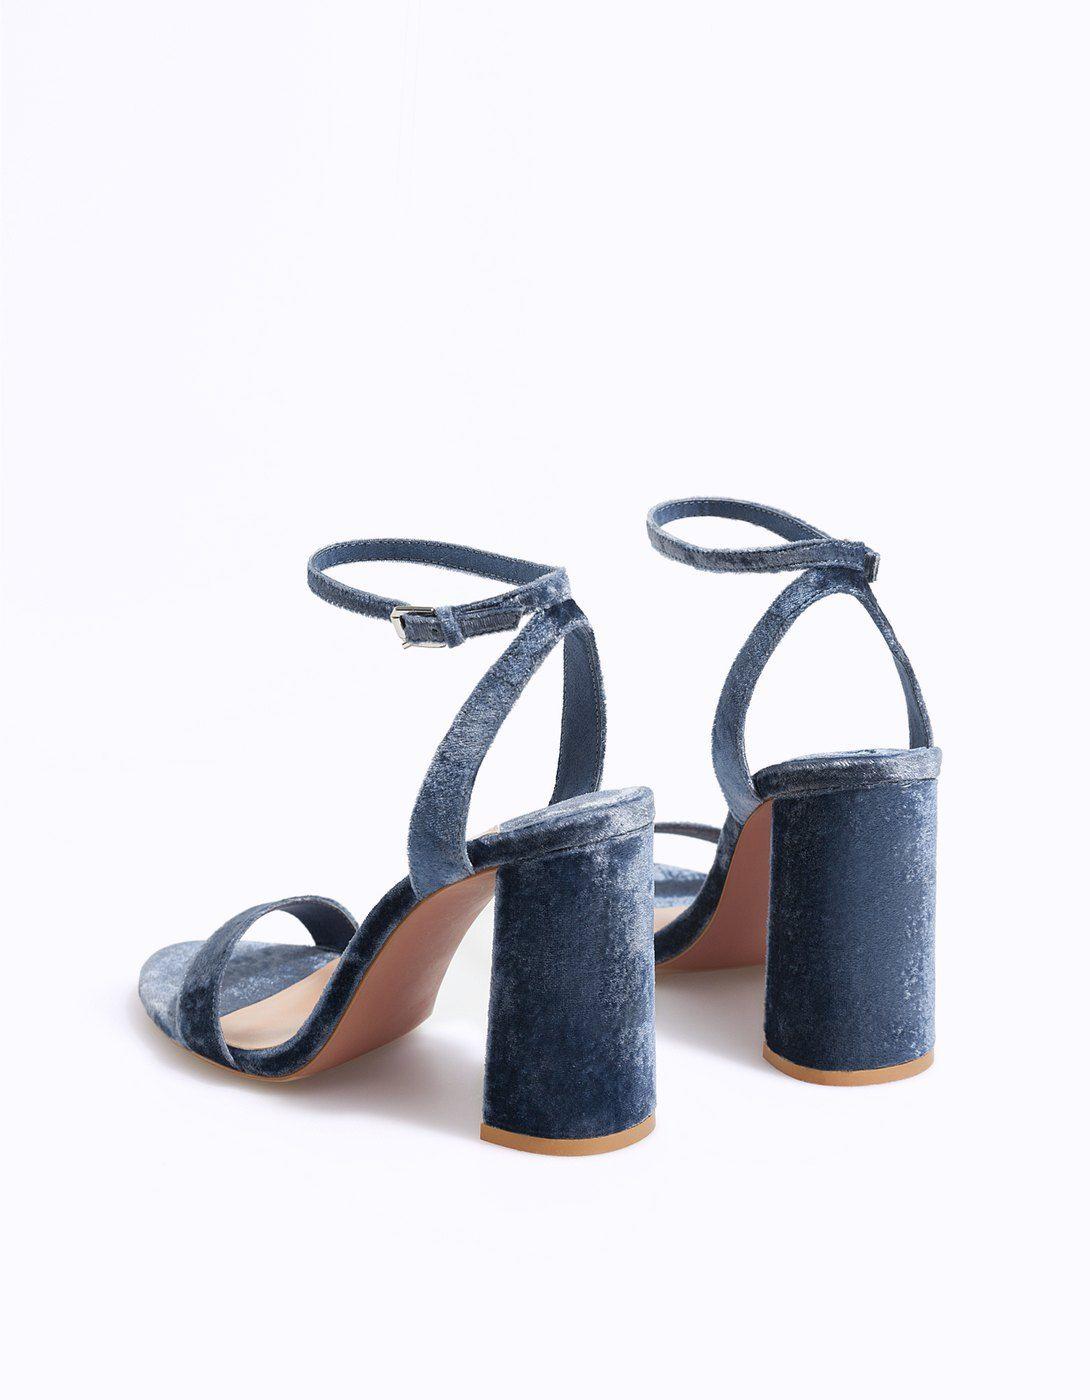 H Italia Velluto Sandalo Scarpe Stradivarius Tacco Ö E S pUZOOqfw